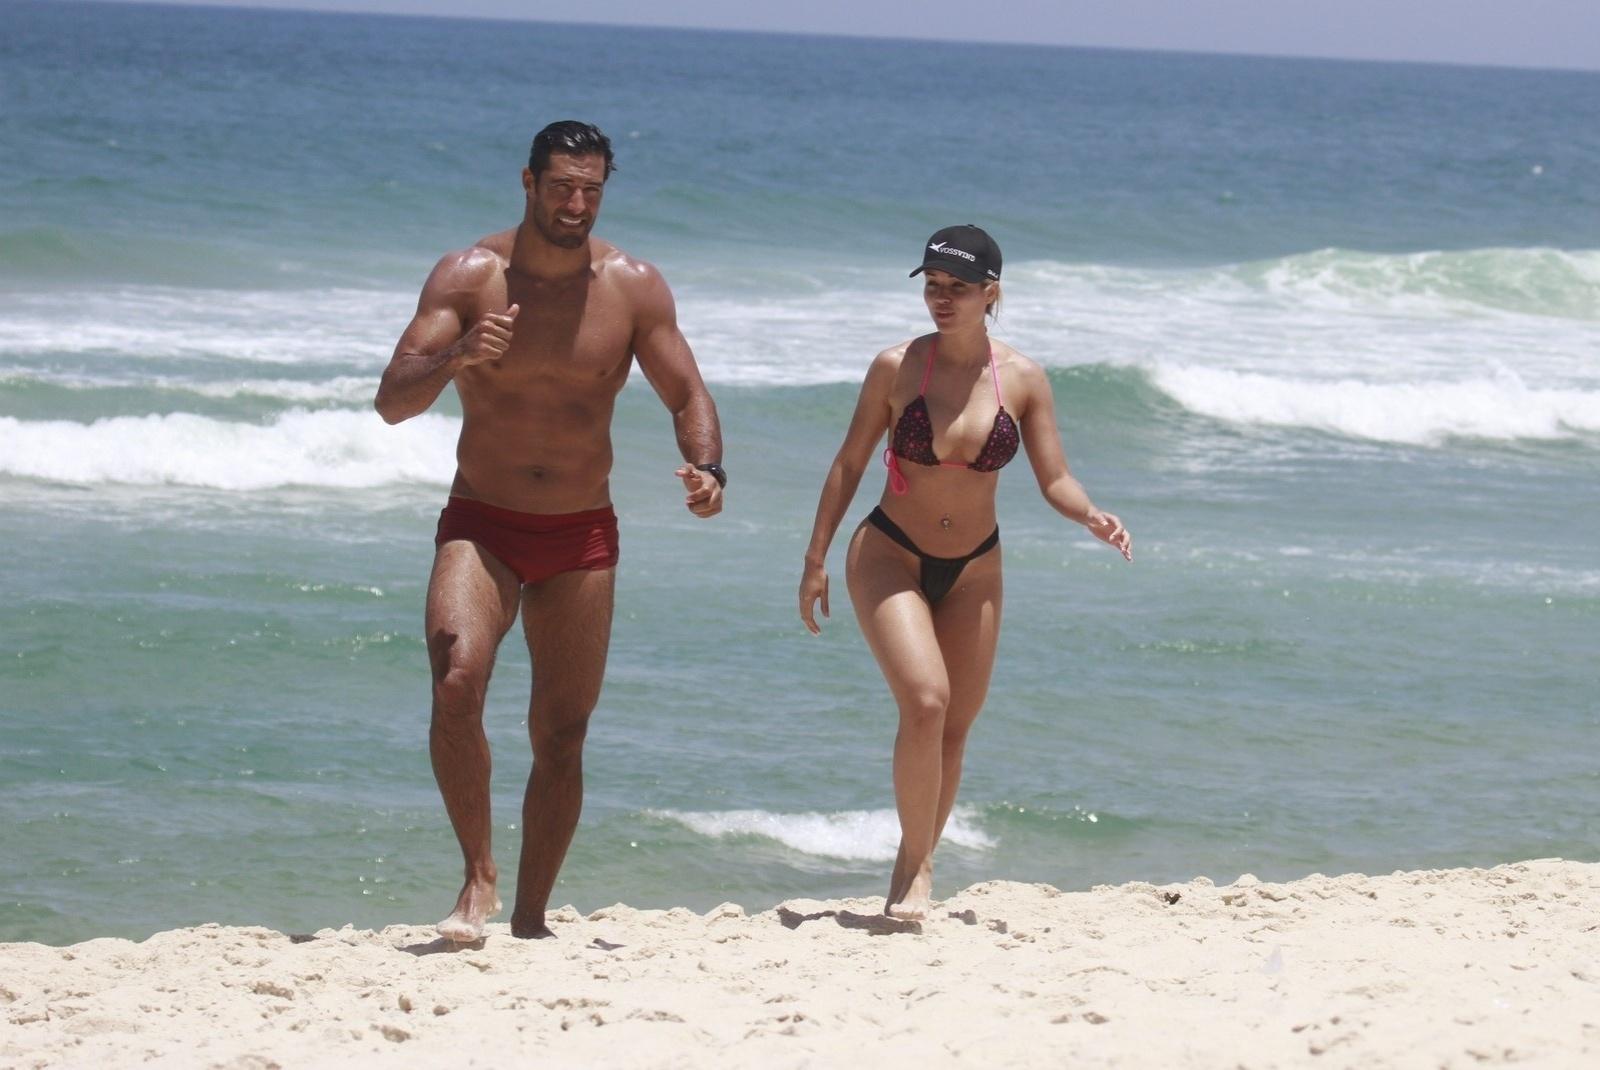 24.out.2013 - Beto Malfacini e Aryane Steinkopf aproveitaram a quinta de calor do Rio para curtirem praia em Grumari, zona oeste da cidade. O casal se conheceu durante participação na última edição do reality